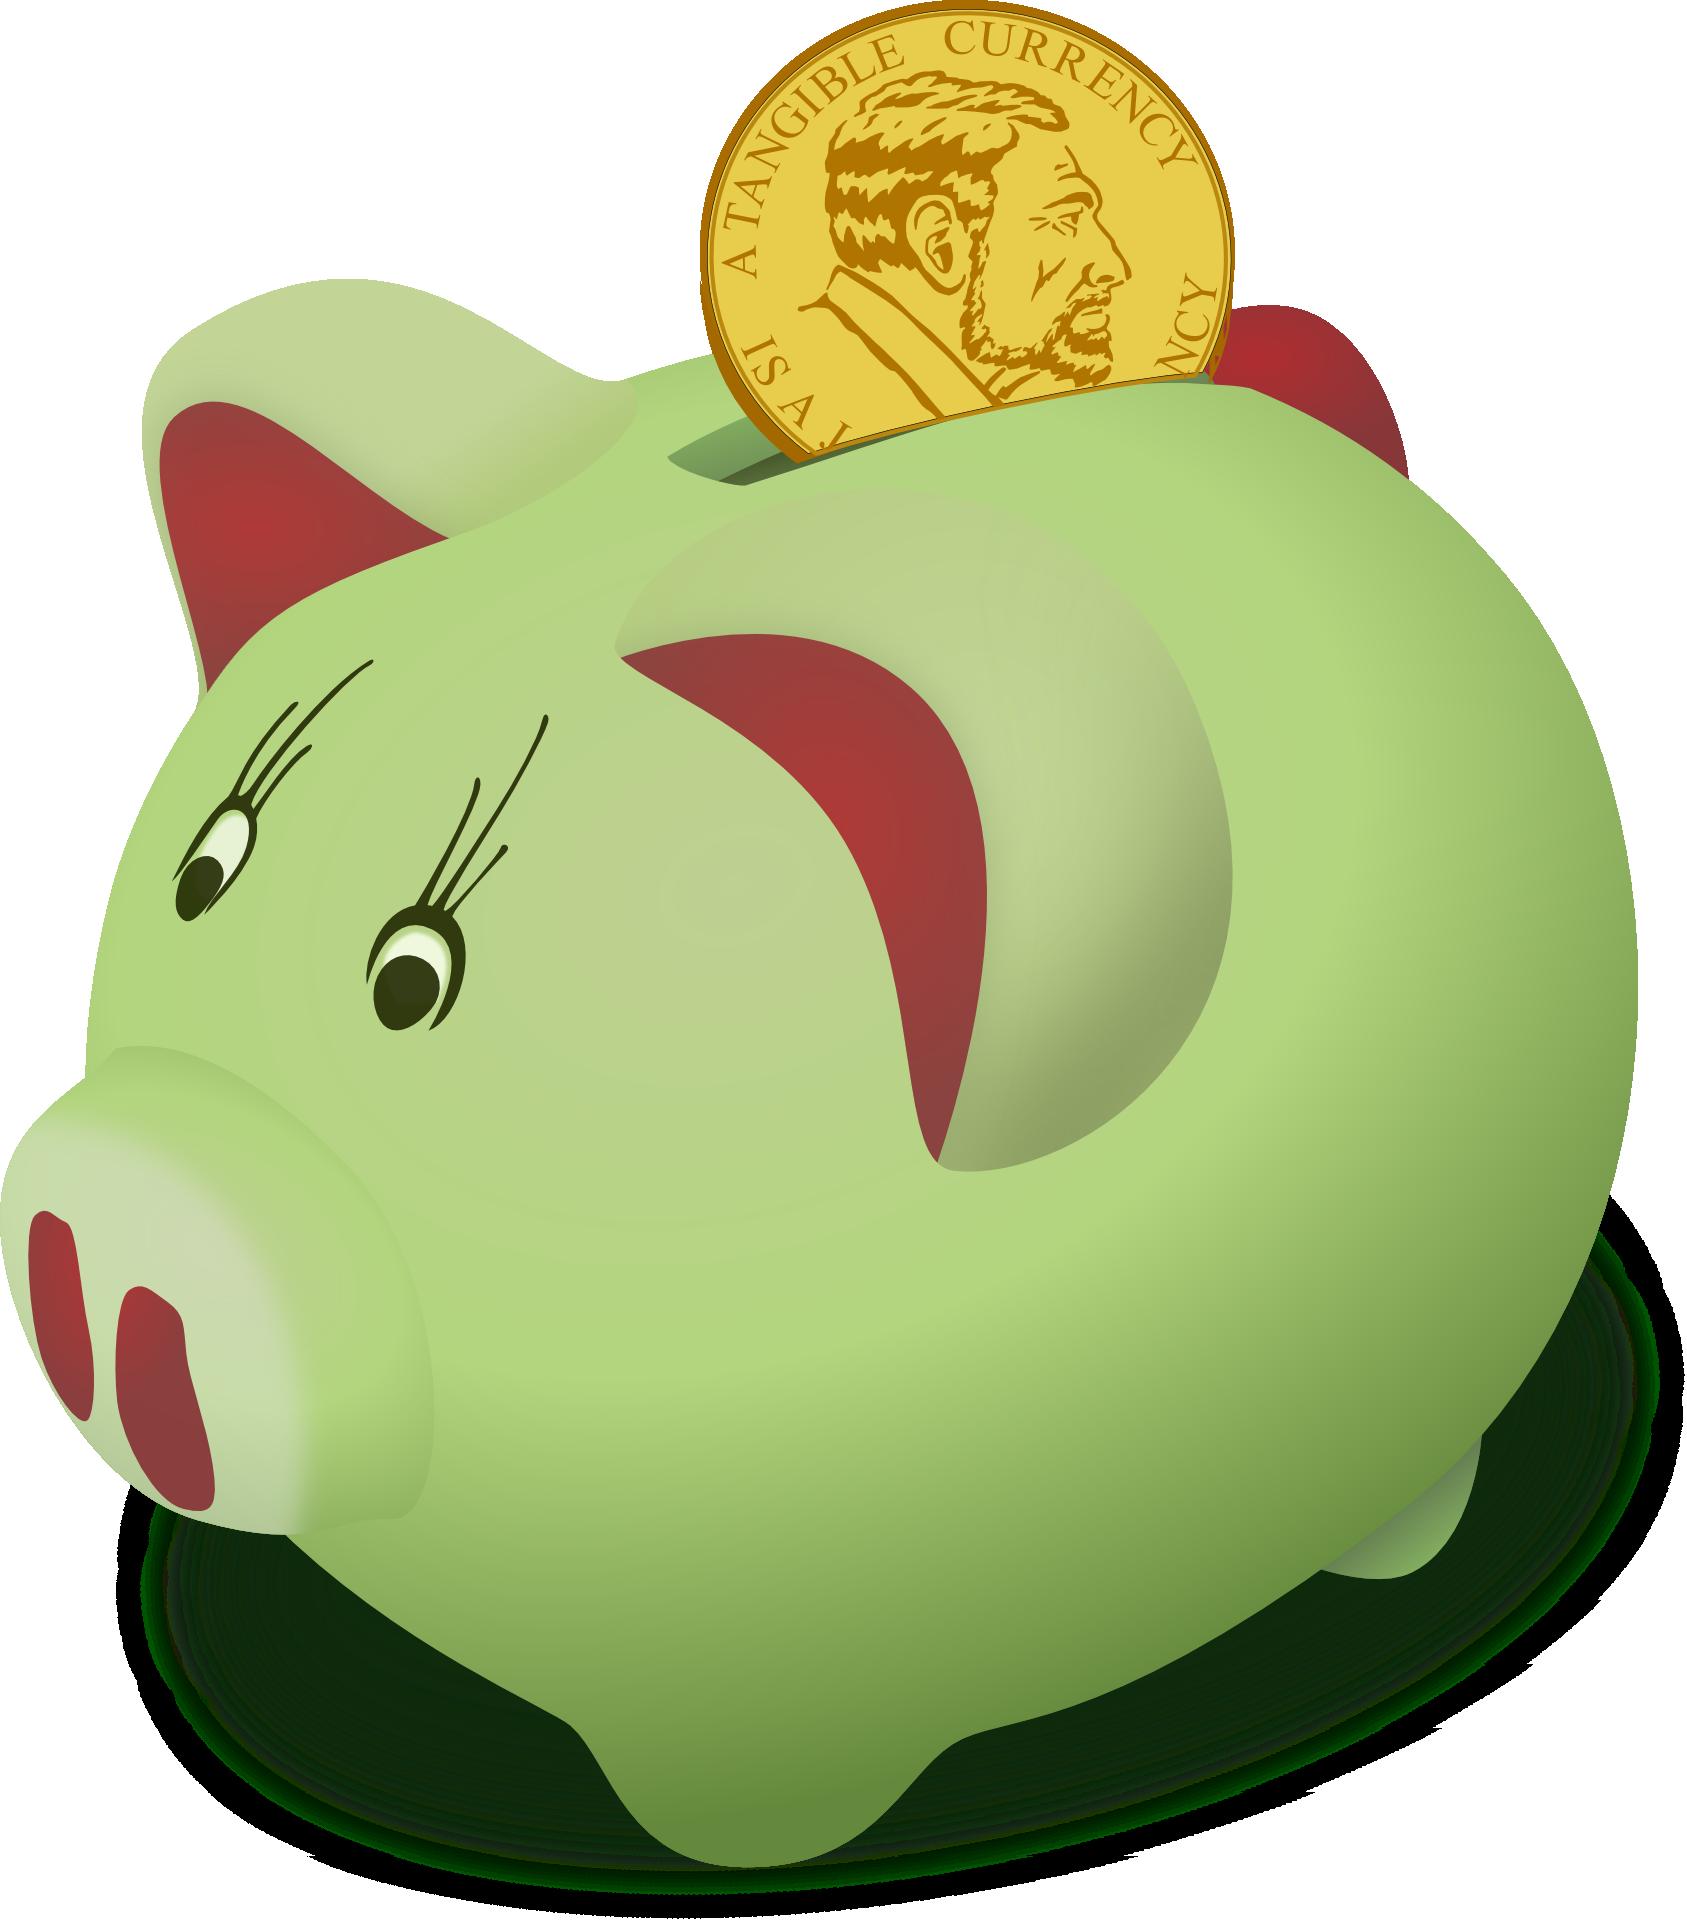 Piggy bank kids saving. Kid clipart money